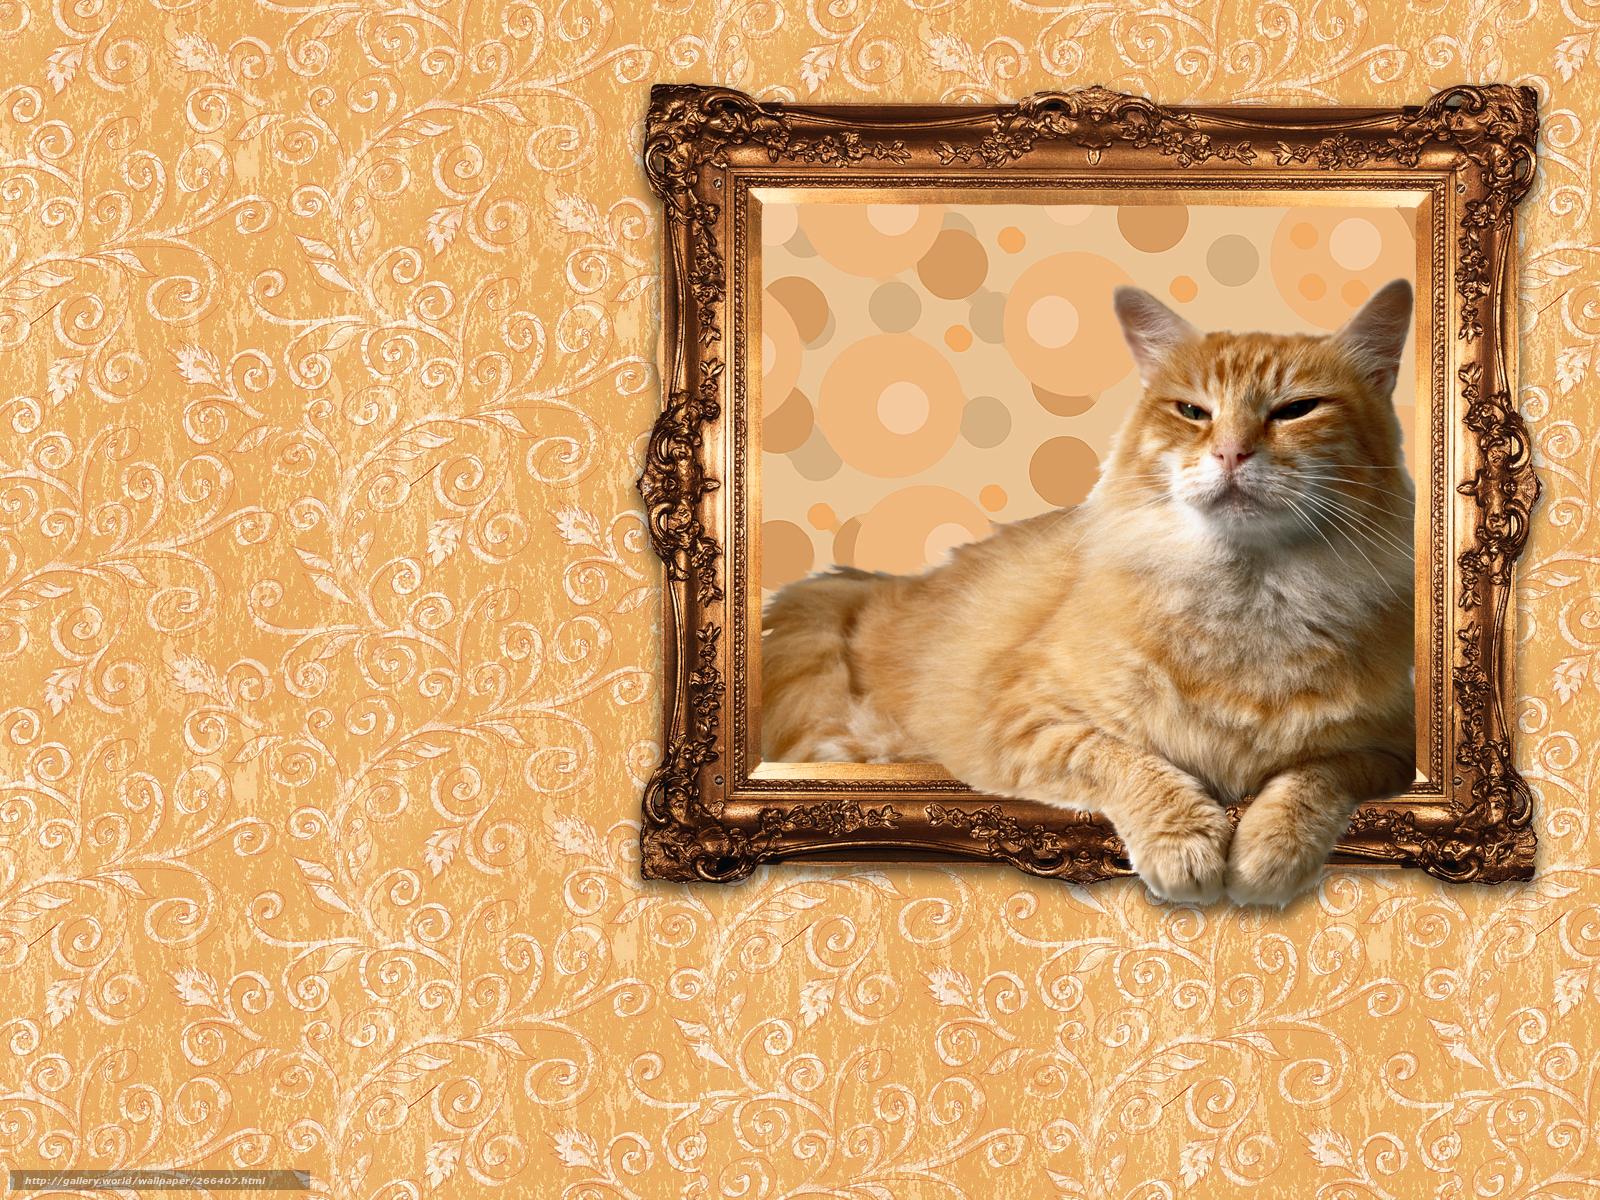 Tlcharger fond d 39 ecran chat papier peint humeur cadre for Cadre photo fond ecran